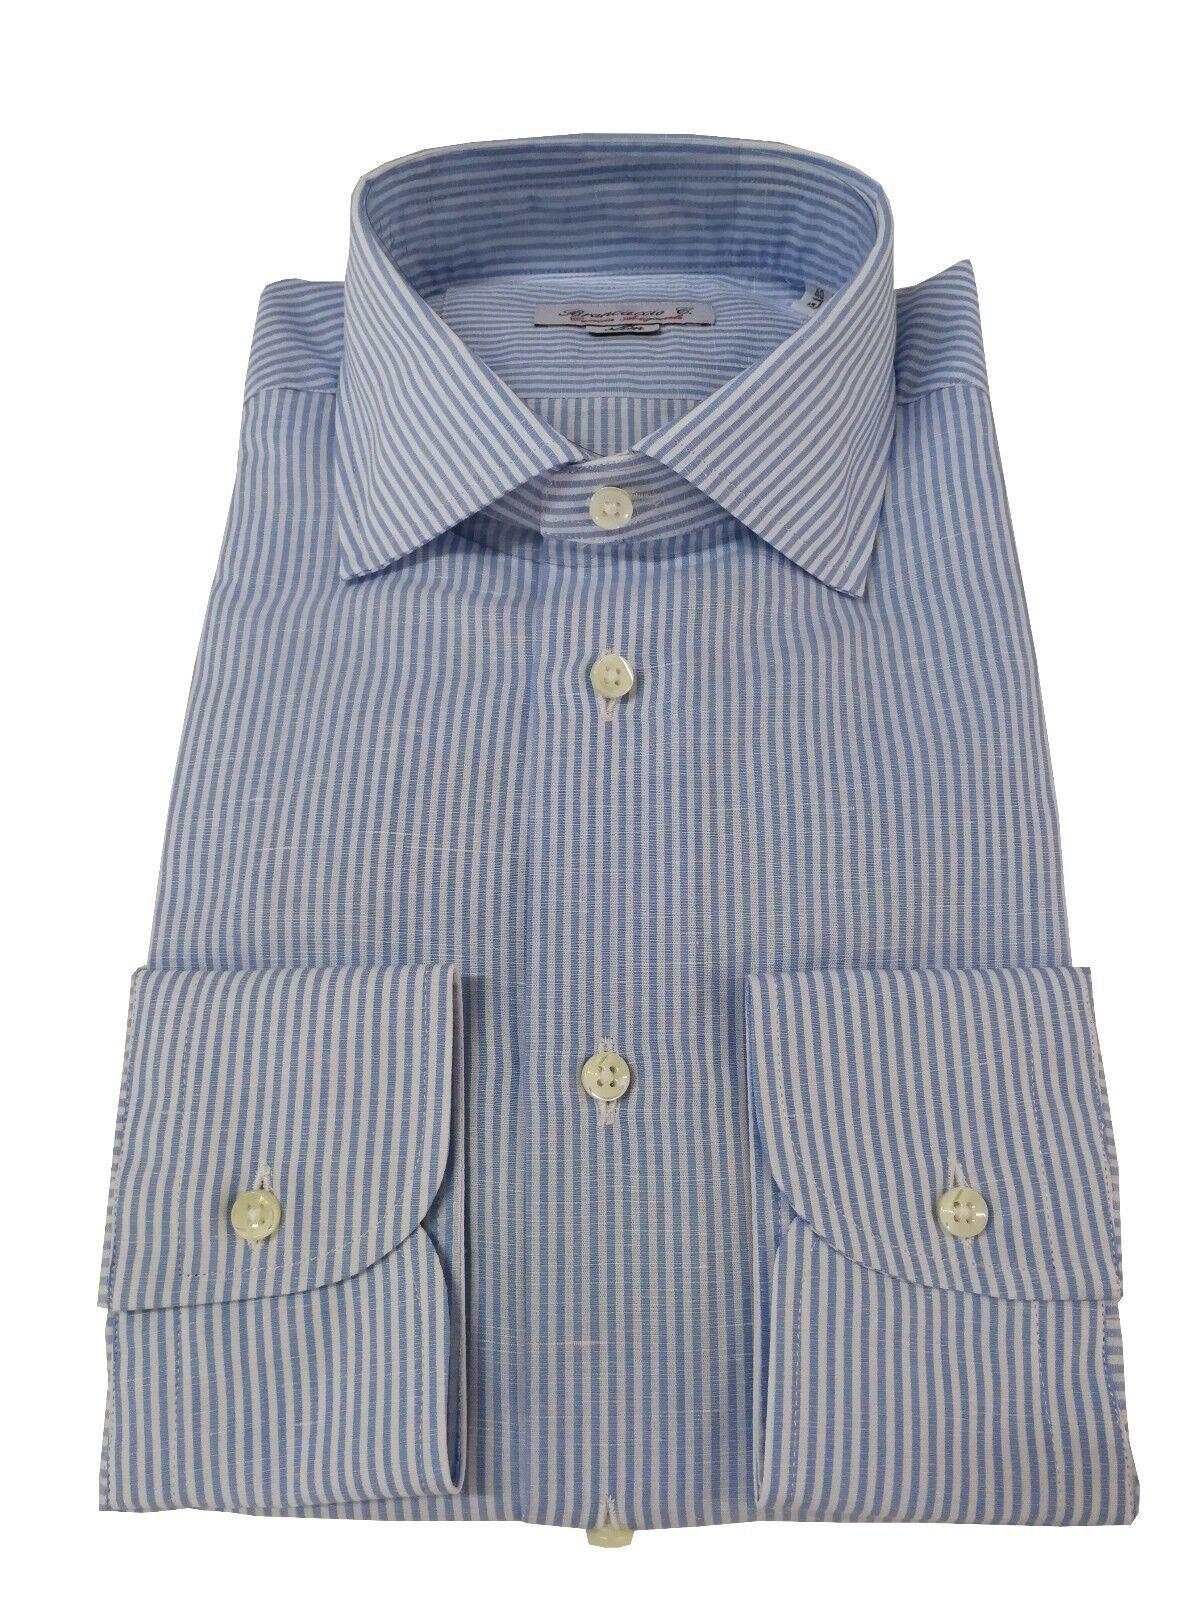 BRANCACCIO Herren Langarm-Shirt Tragbarkeit slim Streifen weiß himmlisch     | Smart